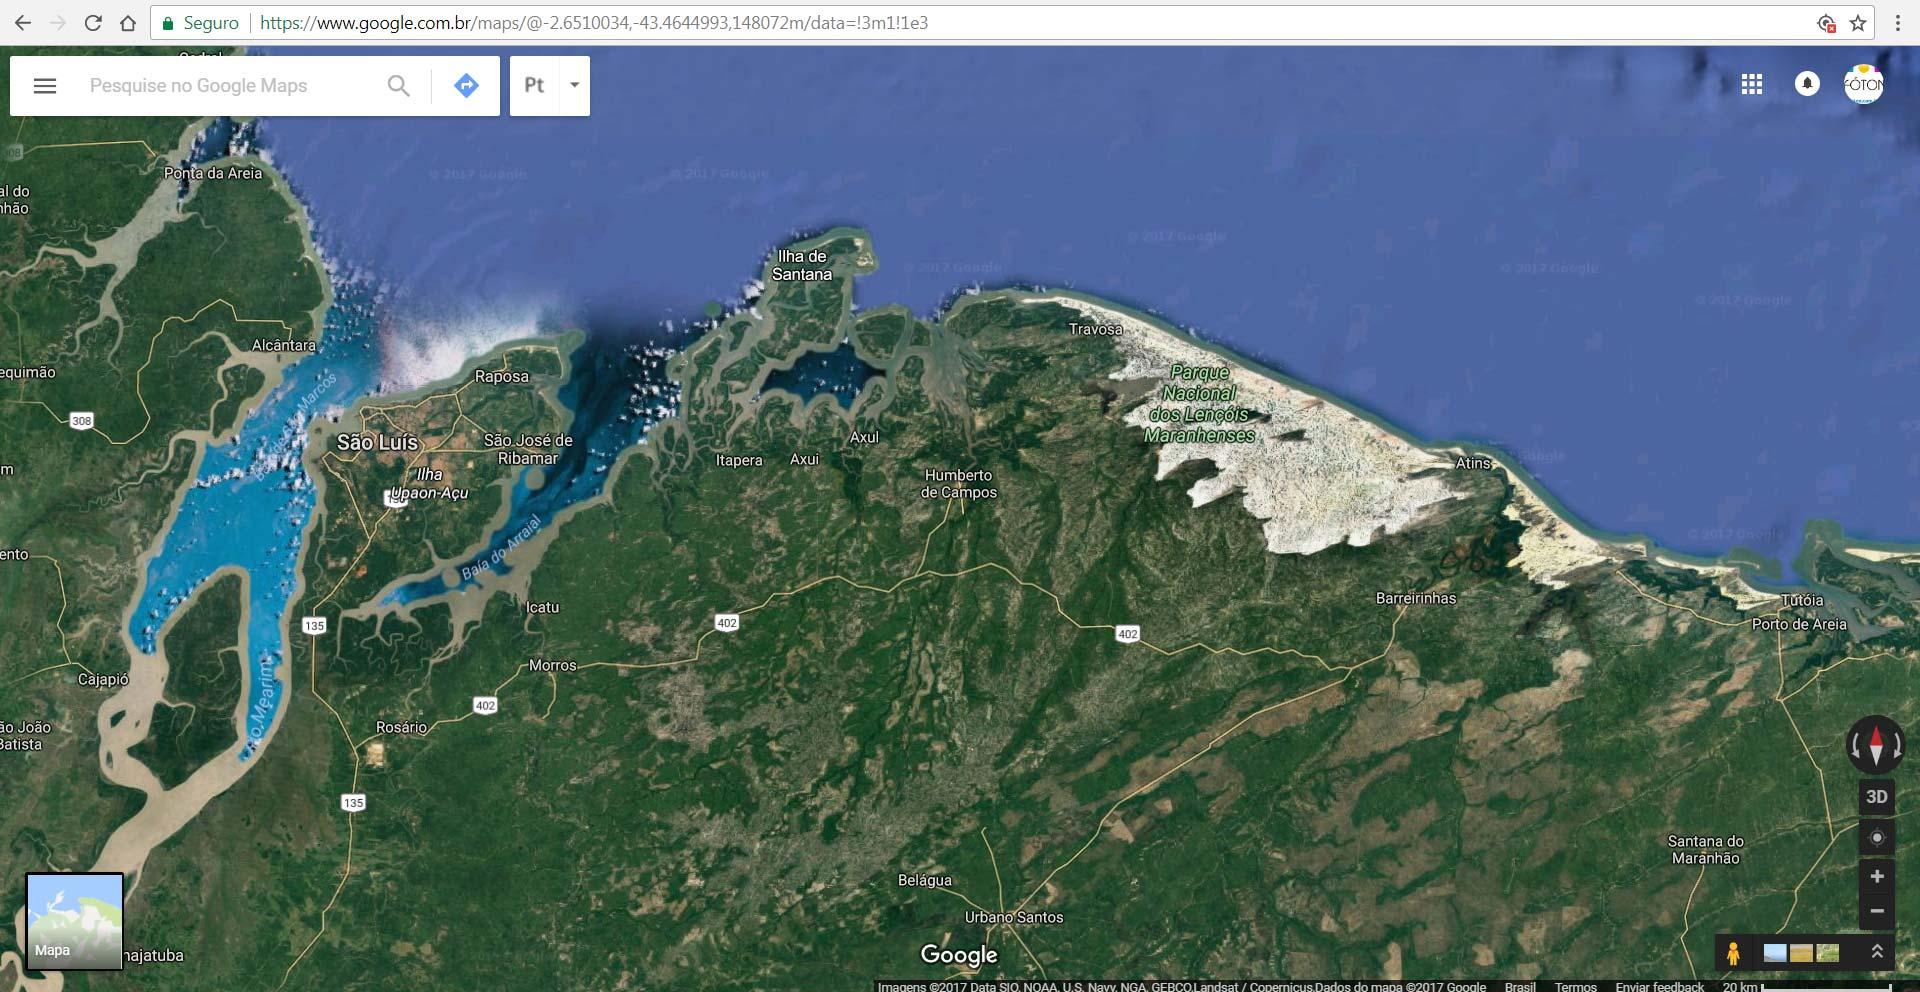 mapa 1 google maps - Mapas, Distâncias e Dicas. Trekking nos Lençóis Maranhenses - Brasil